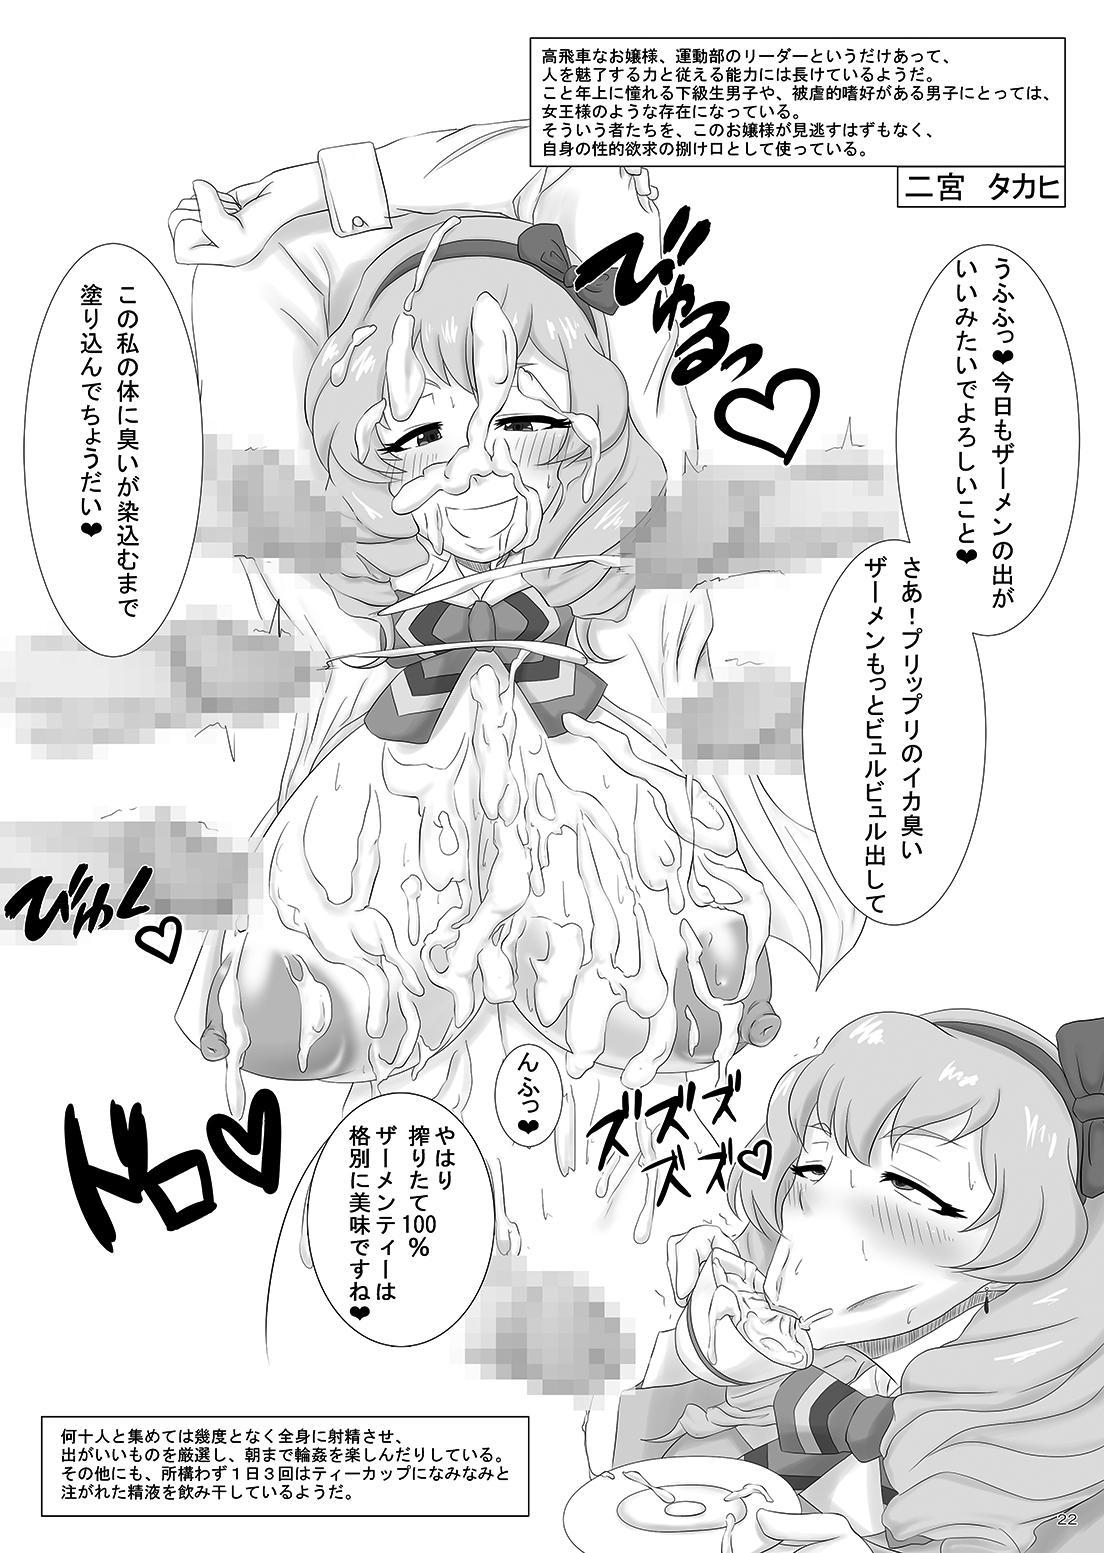 Bakunyuu Chitai wo Abakare Ikimakuru Heroine Tachi 20